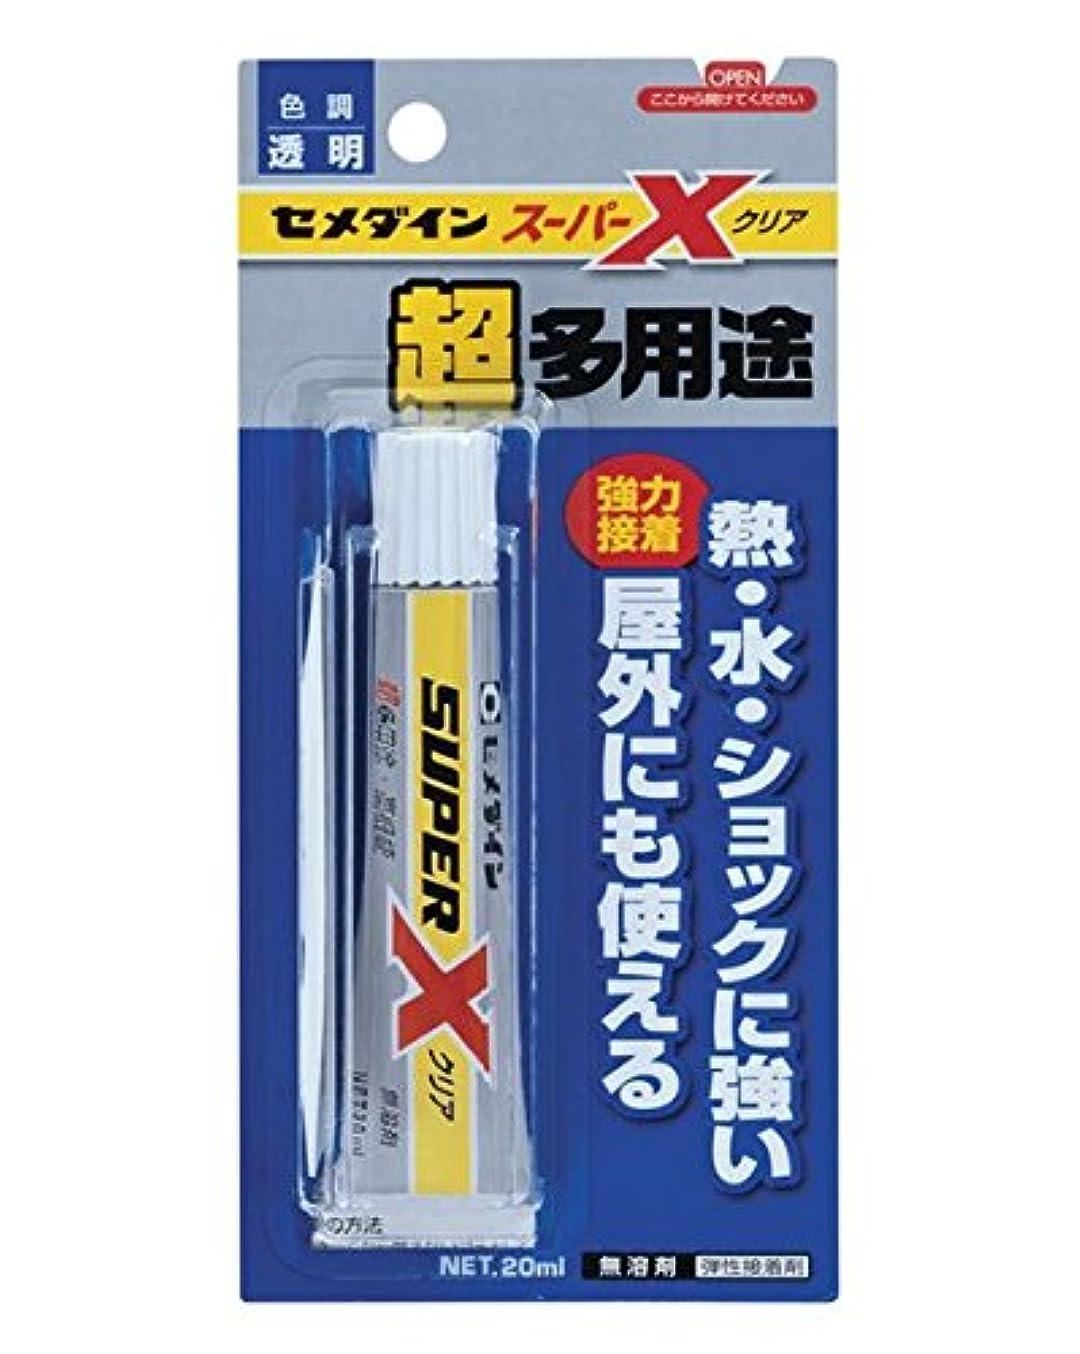 消毒する中止しますよろめくデコ電の接着剤といえばこれ! セメダイン スーパーXクリア(20ml)